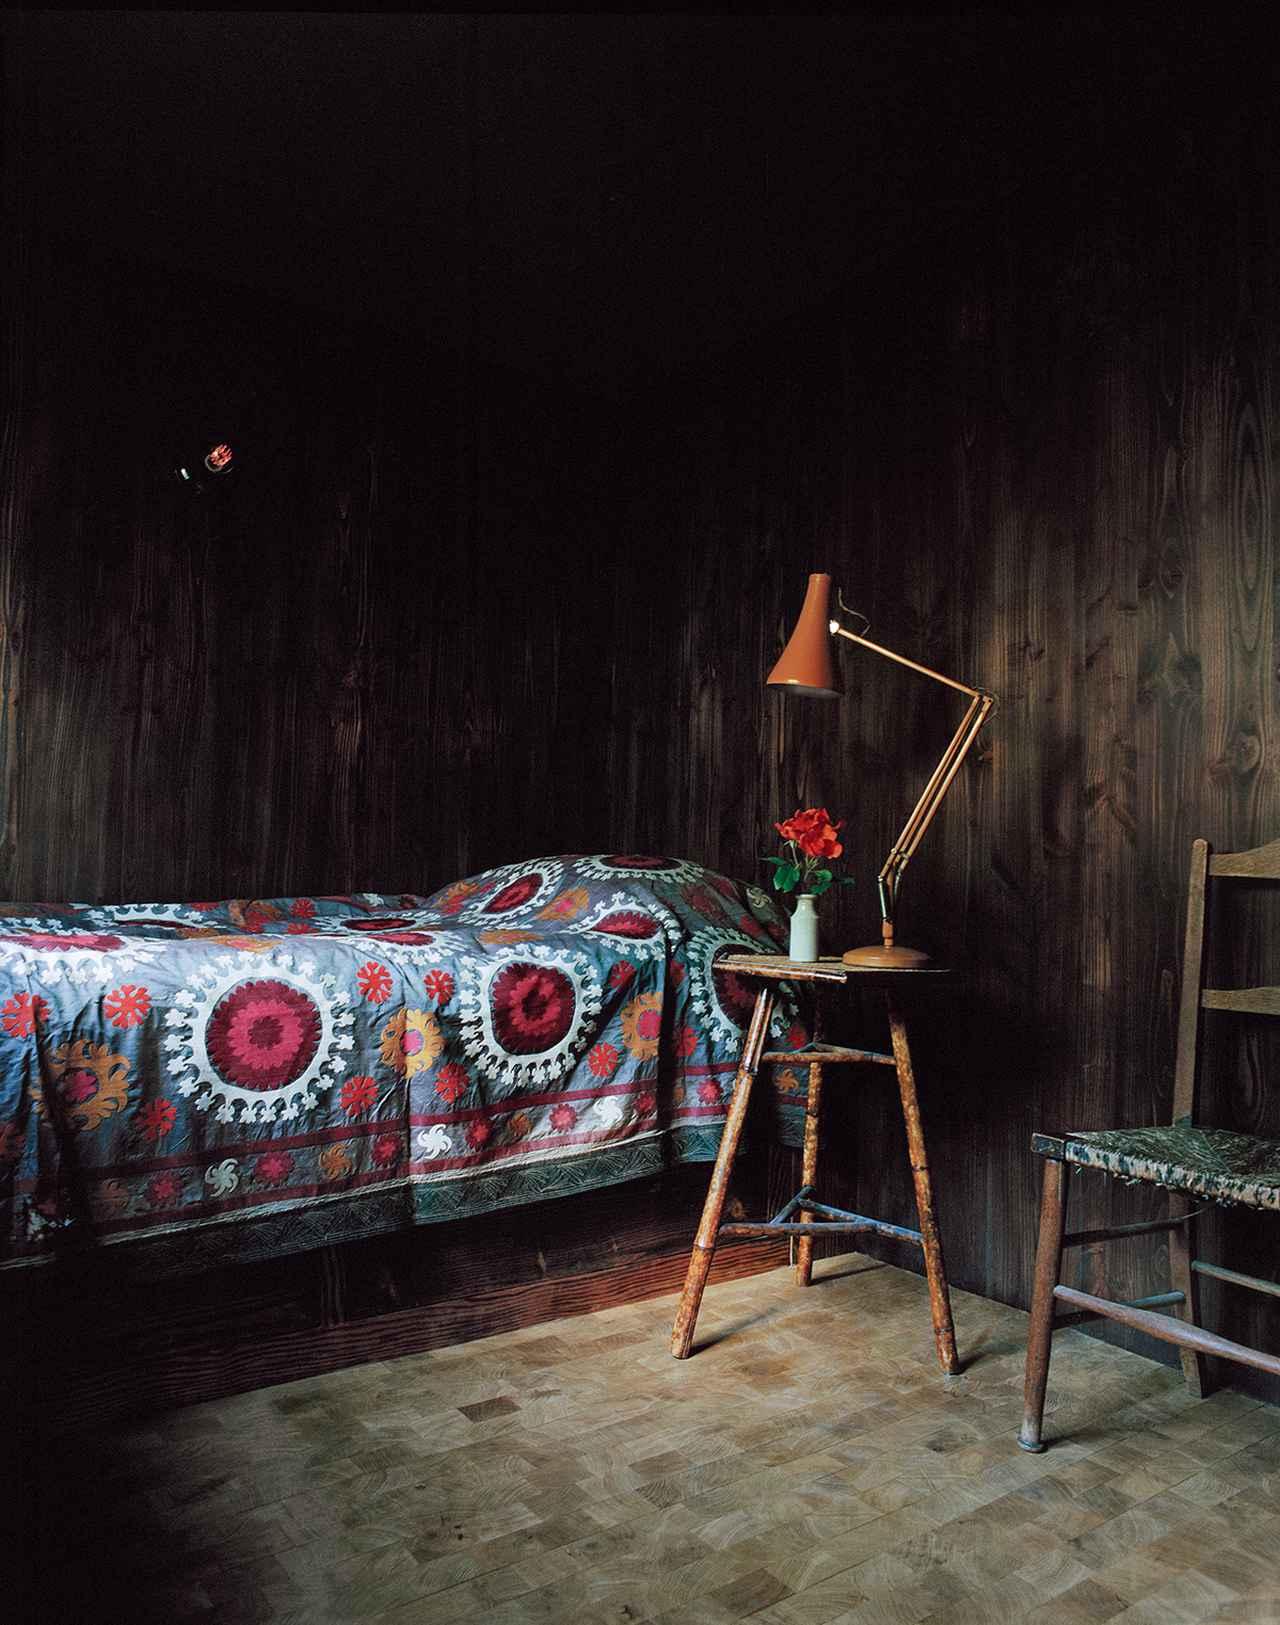 Images : 5番目の画像 - 「野花が咲き乱れ、風に揺れるーー ダン・ピアソンの自身が憩う庭」のアルバム - T JAPAN:The New York Times Style Magazine 公式サイト